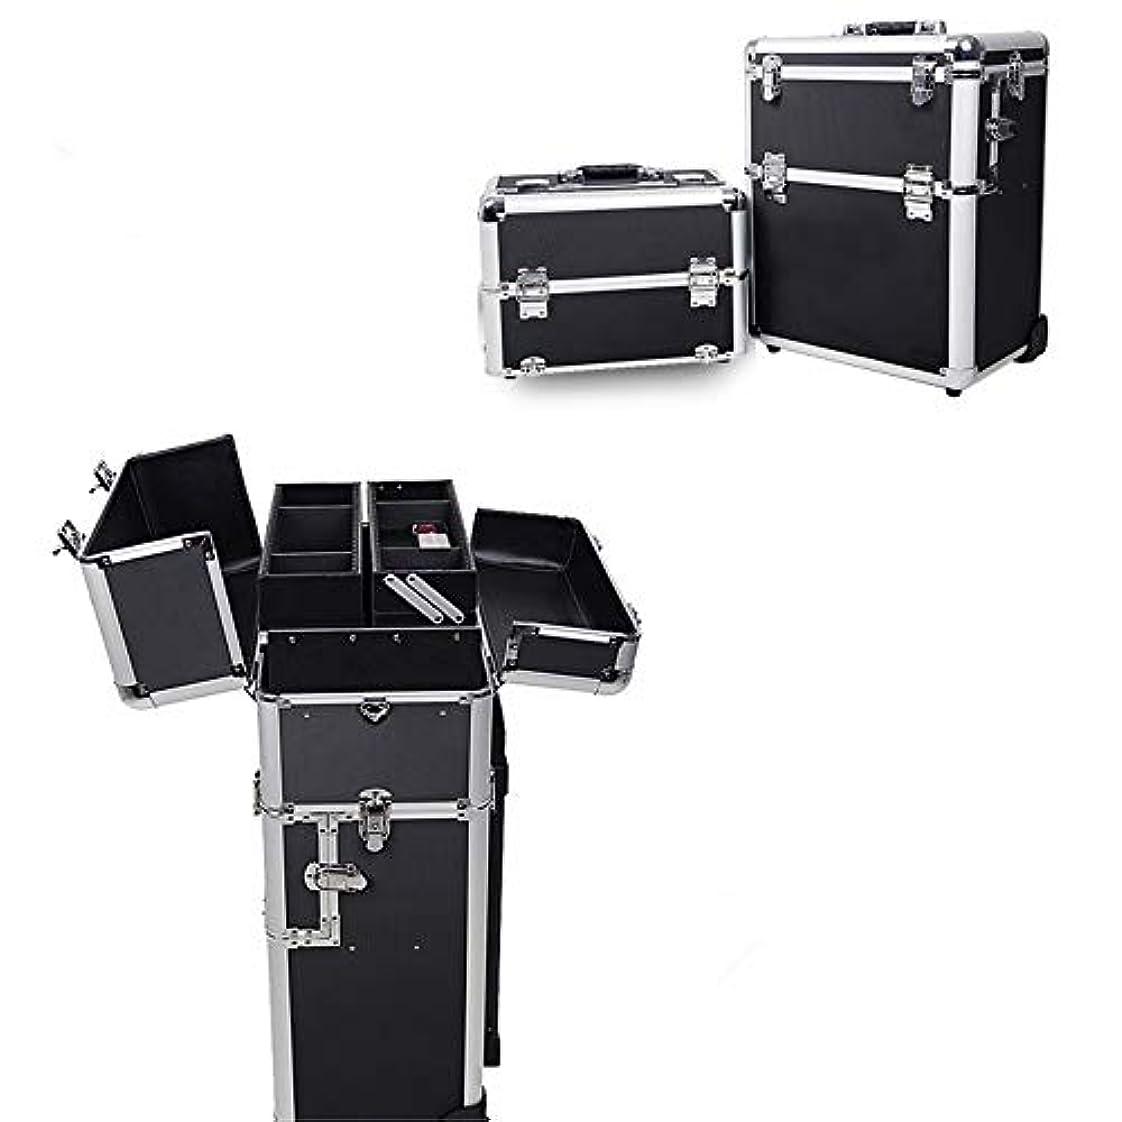 モルヒネ概念摂動化粧オーガナイザーバッグ 旅行メイクバッグ3層スーツケースメイク化粧品バッグポータブルトイレタージュ化粧ケース 化粧品ケース